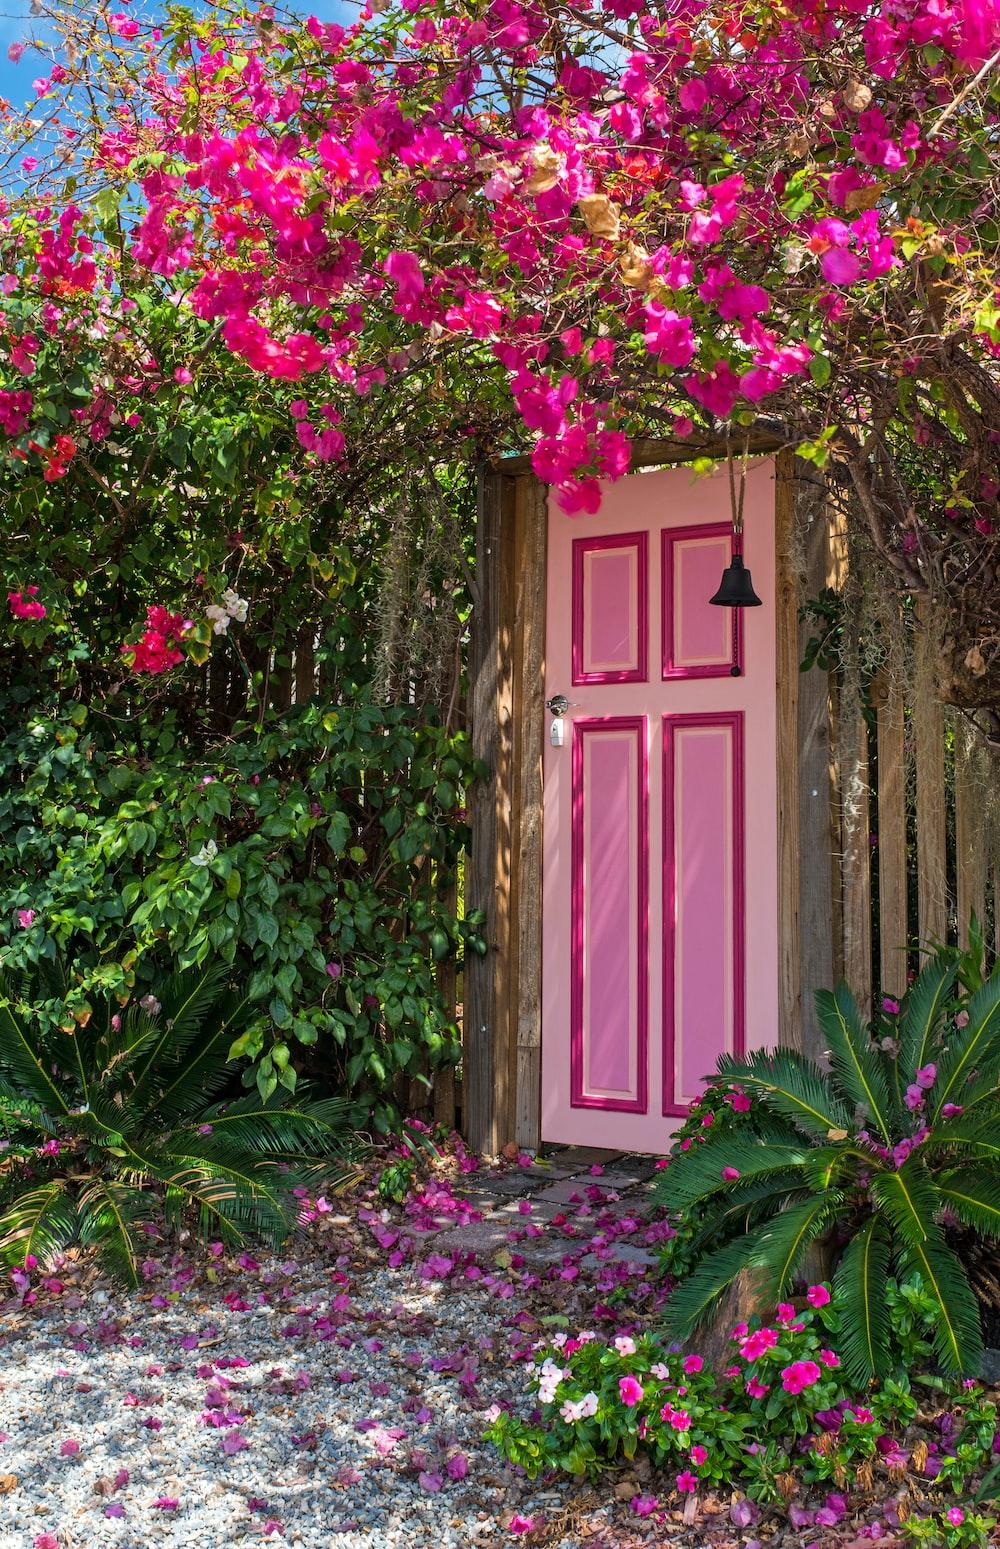 pink wooden door surround by flowers